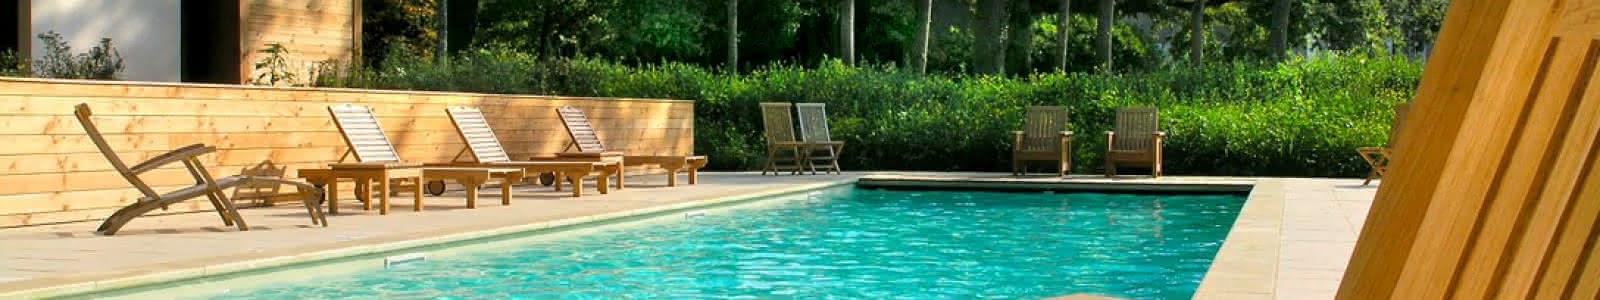 Les Sources de Cheverny - Hôtel avec piscine en Val de Loire - Loir-et-Cher